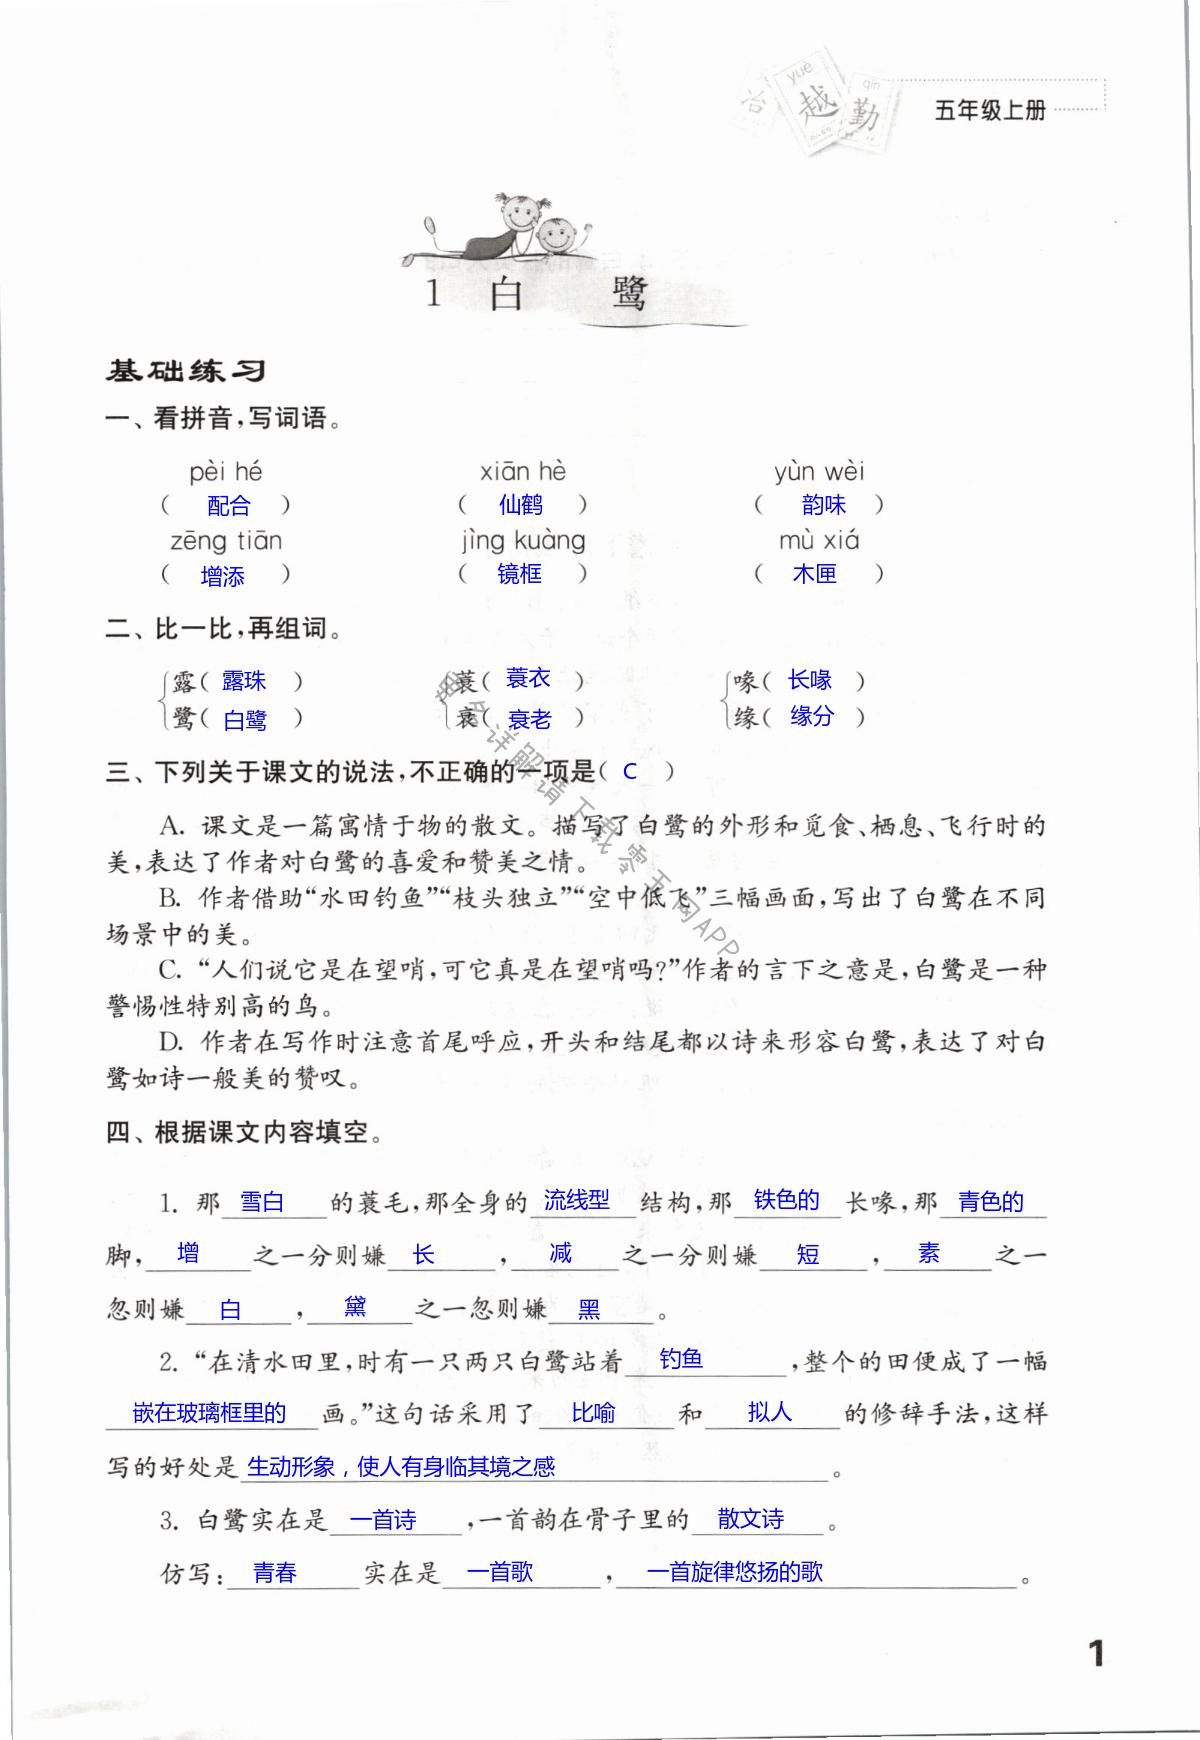 2021年练习与测试五年级语文上册人教版第1页